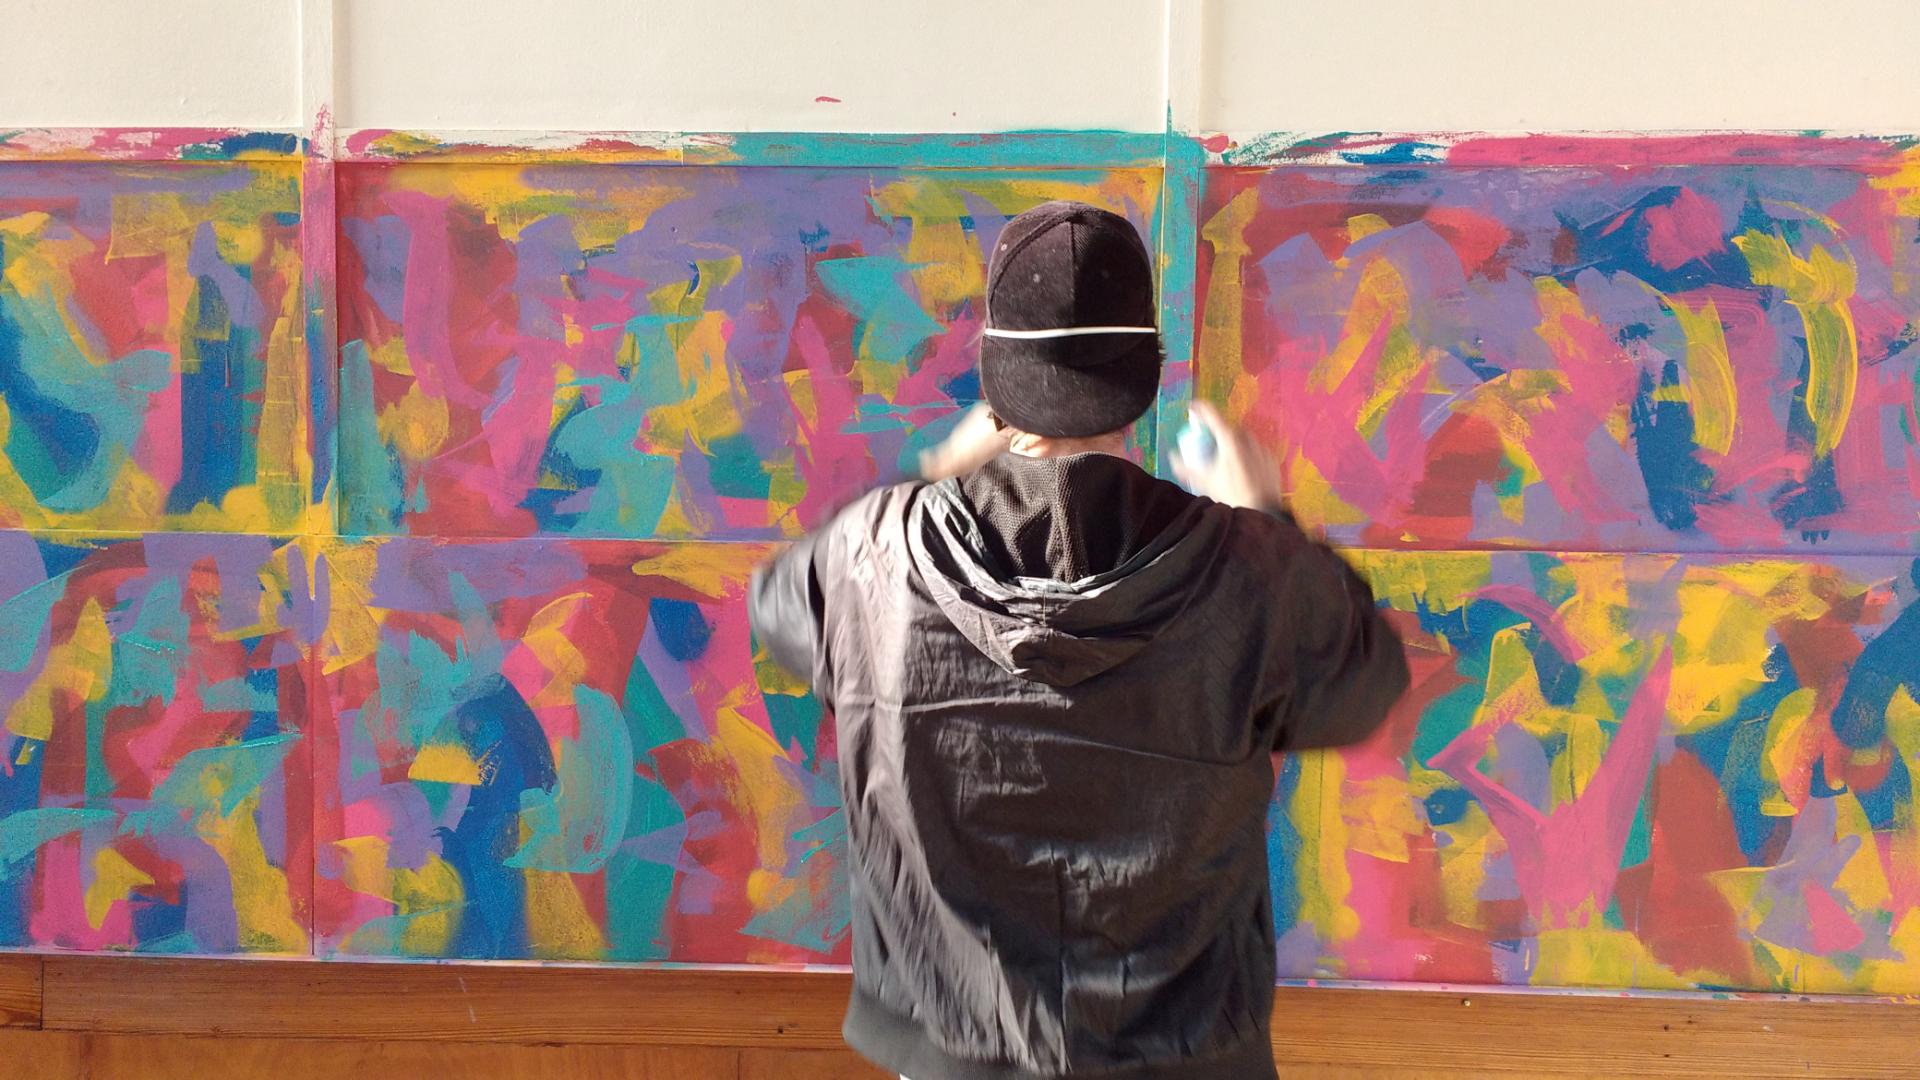 Künstler vor Grafitti-Wand